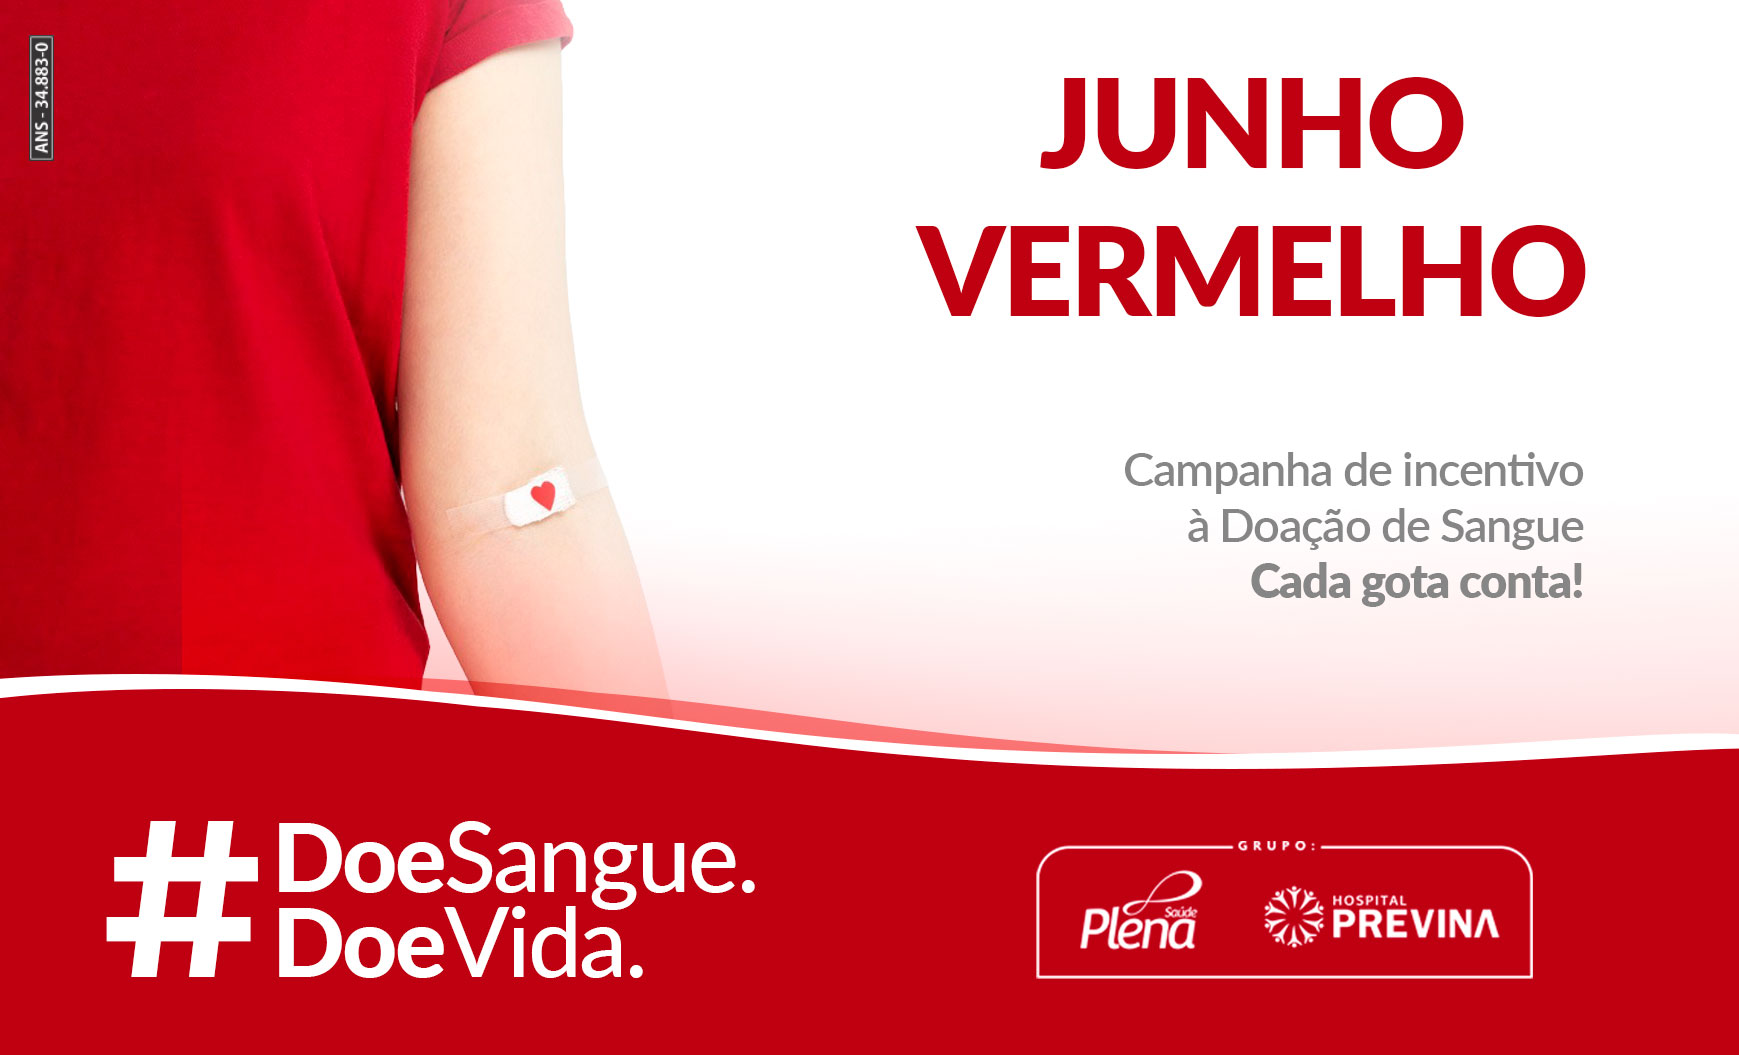 Junho Vermelho – Mês da Doação de Sangue